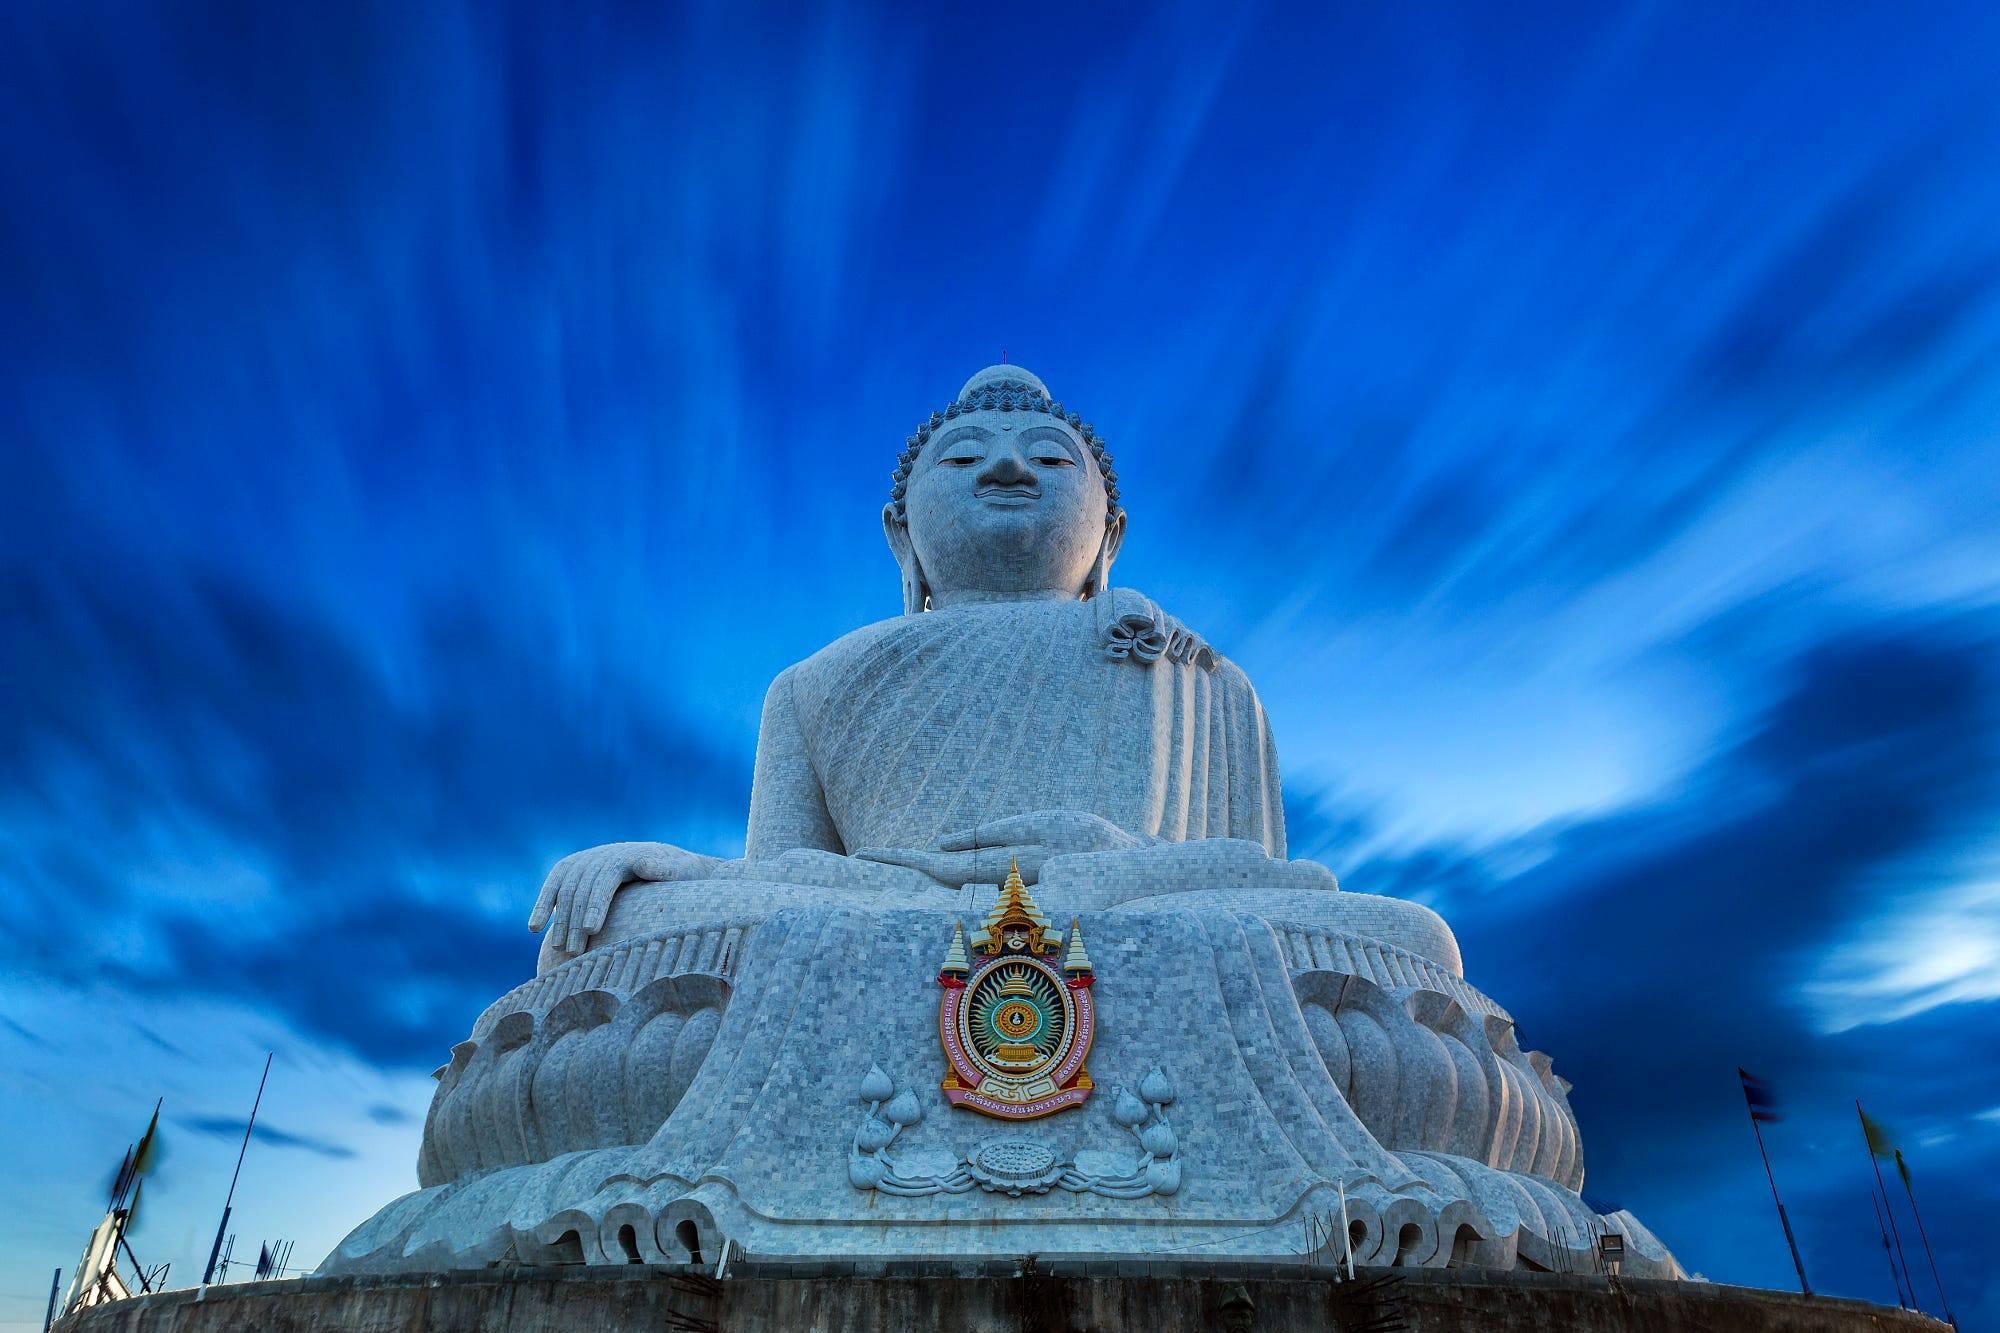 مجسمه بودای بزرگ نماد امید مردم پوکت